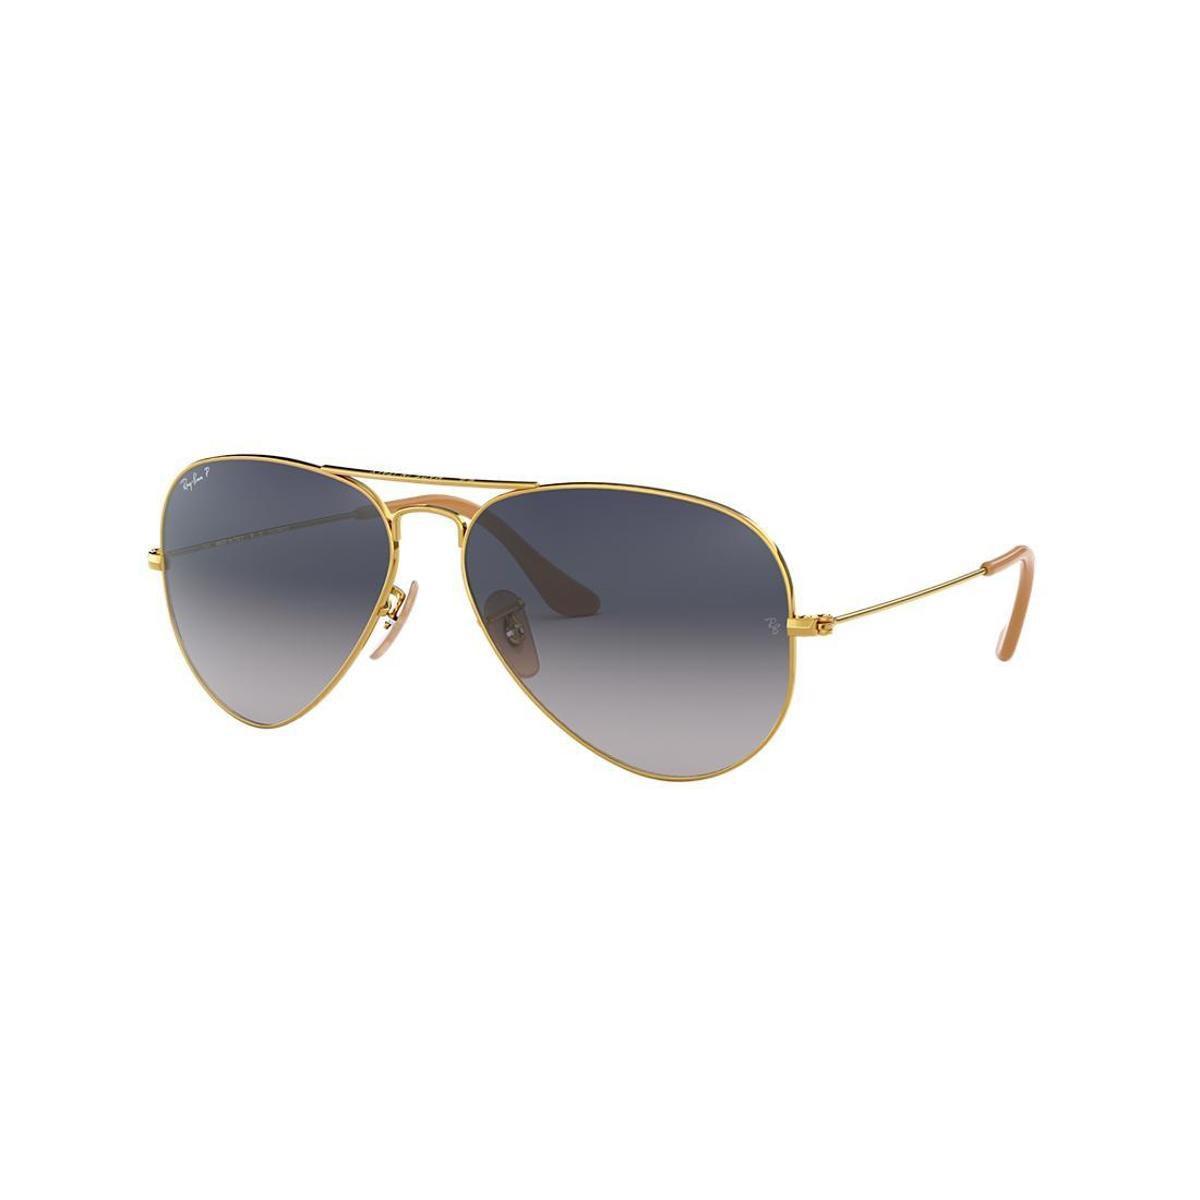 f1e0a2be4 Óculos de Sol Ray-Ban RB3025 Aviator Gradiente - Ouro | Zattini